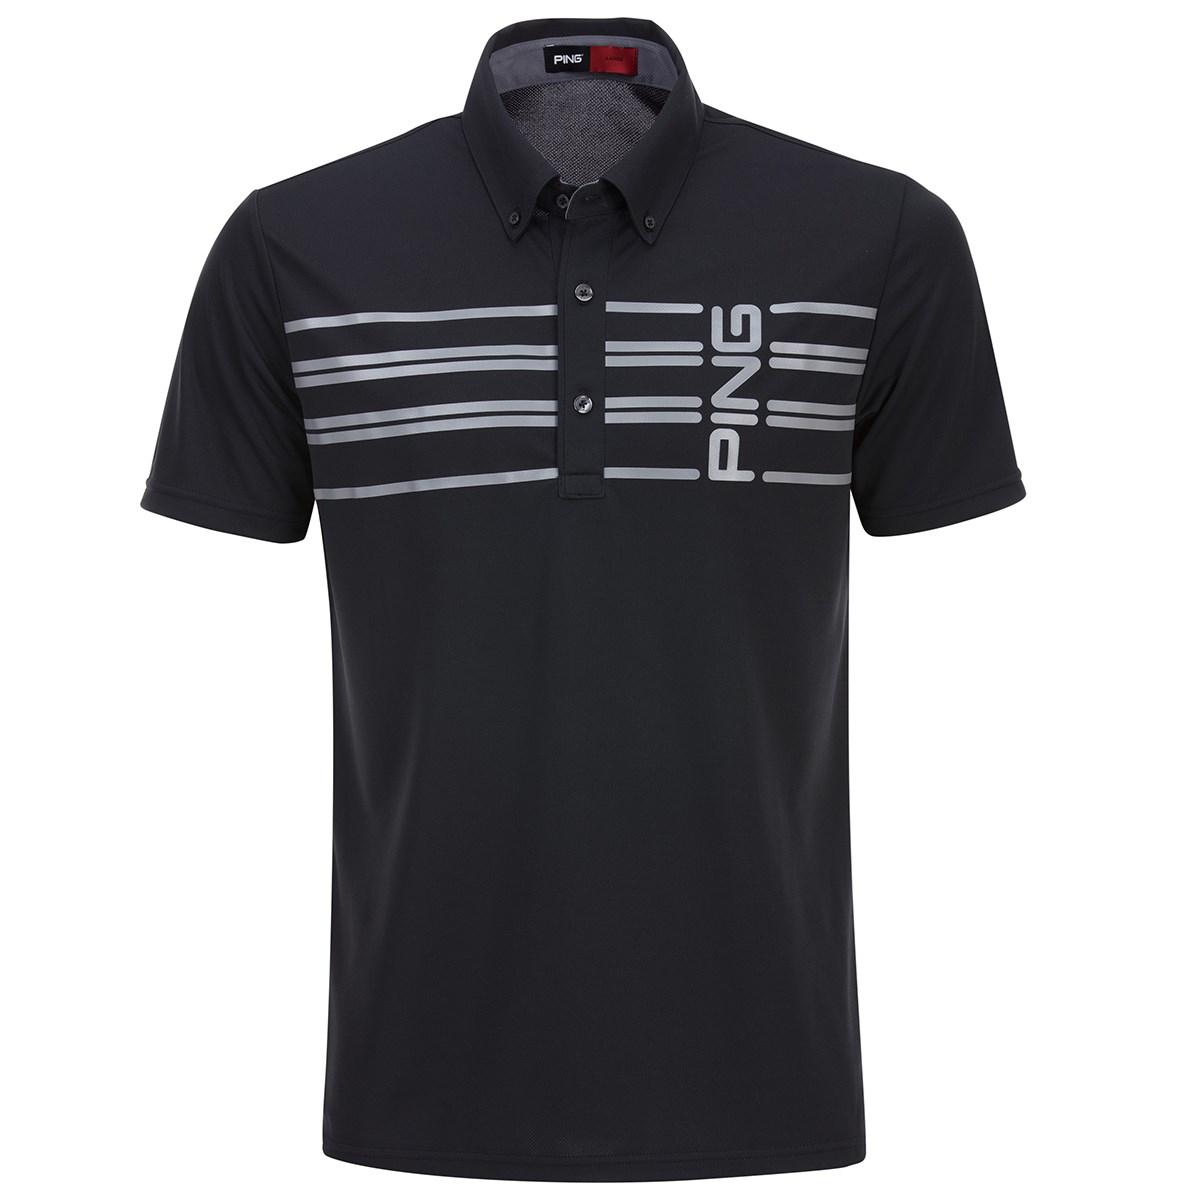 ピン(PING) ボーダープリント半袖ポロシャツ